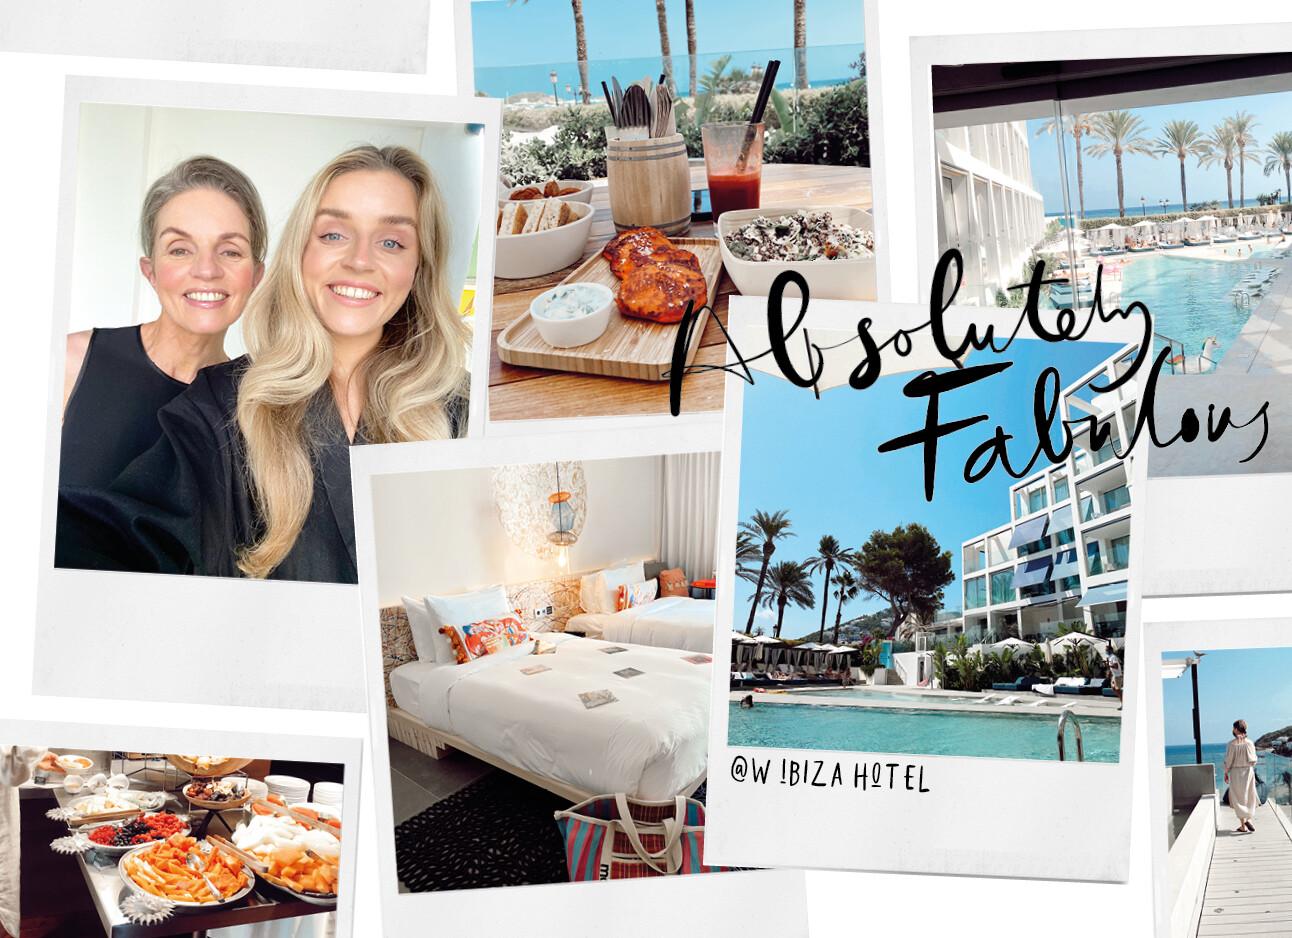 W Ibiza hotel Lotte en Karin op reis zwembad zomer